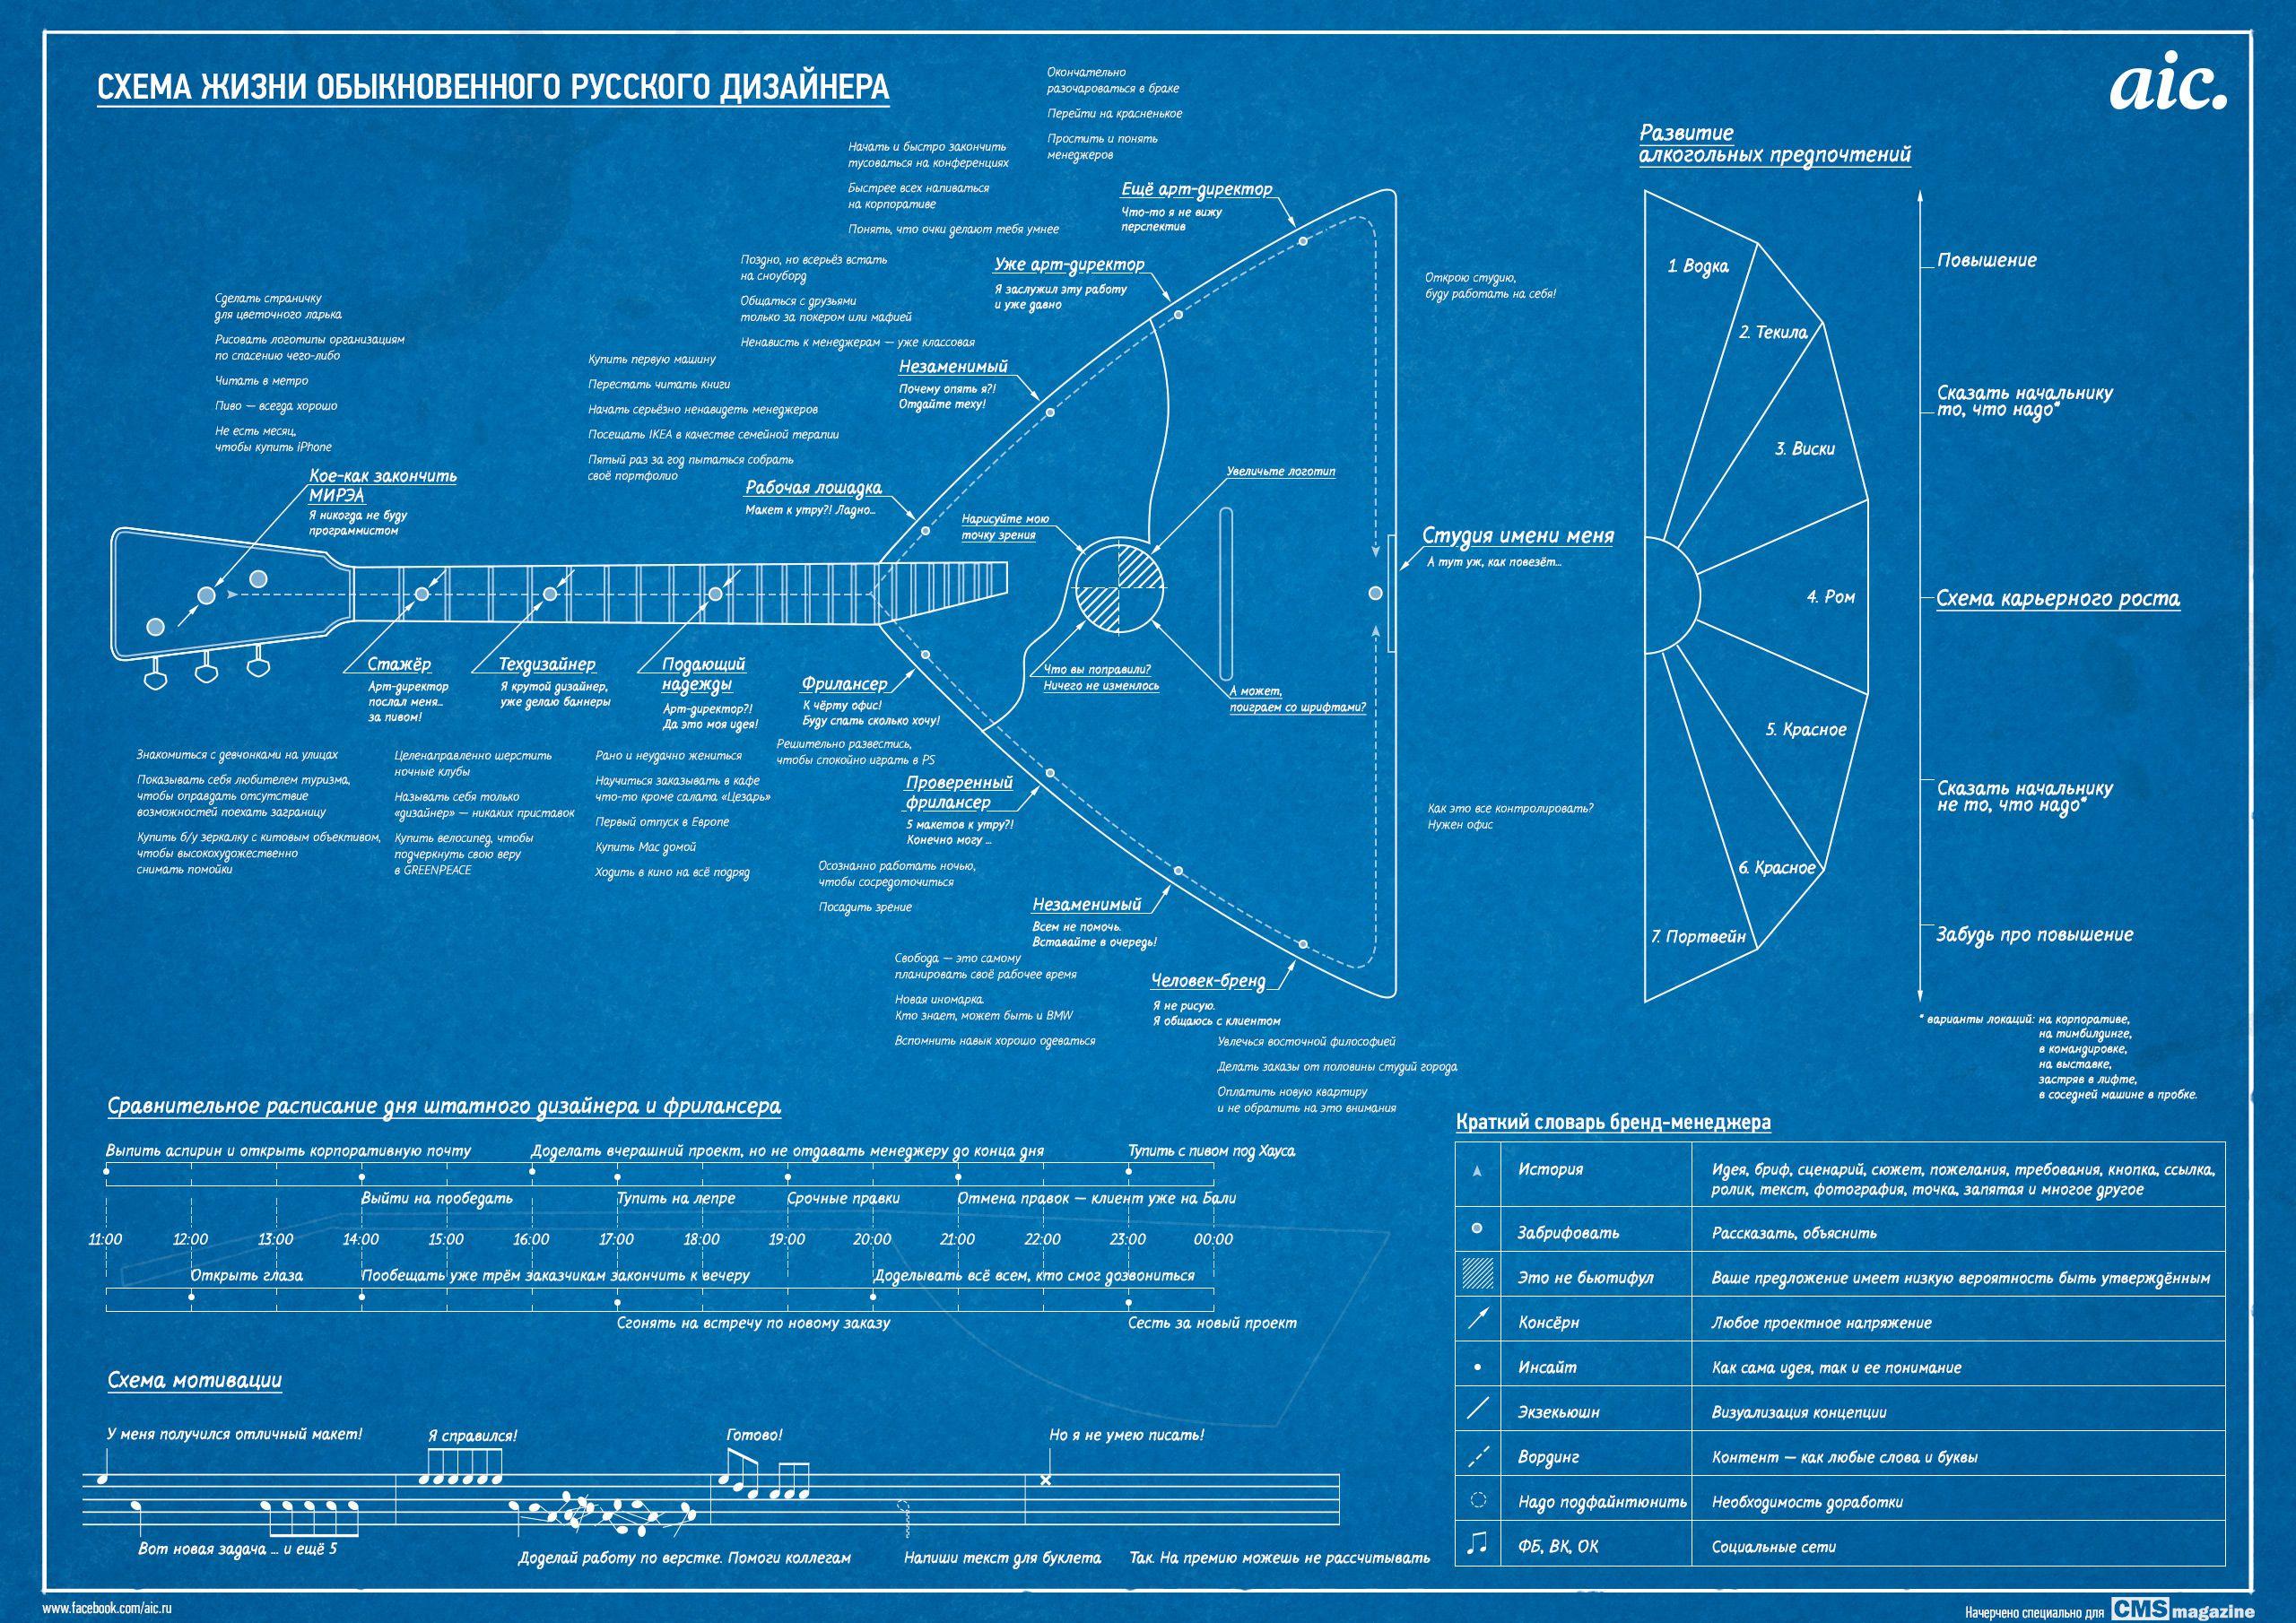 Инфографика: схема жизни обыкновенного русского дизайнера